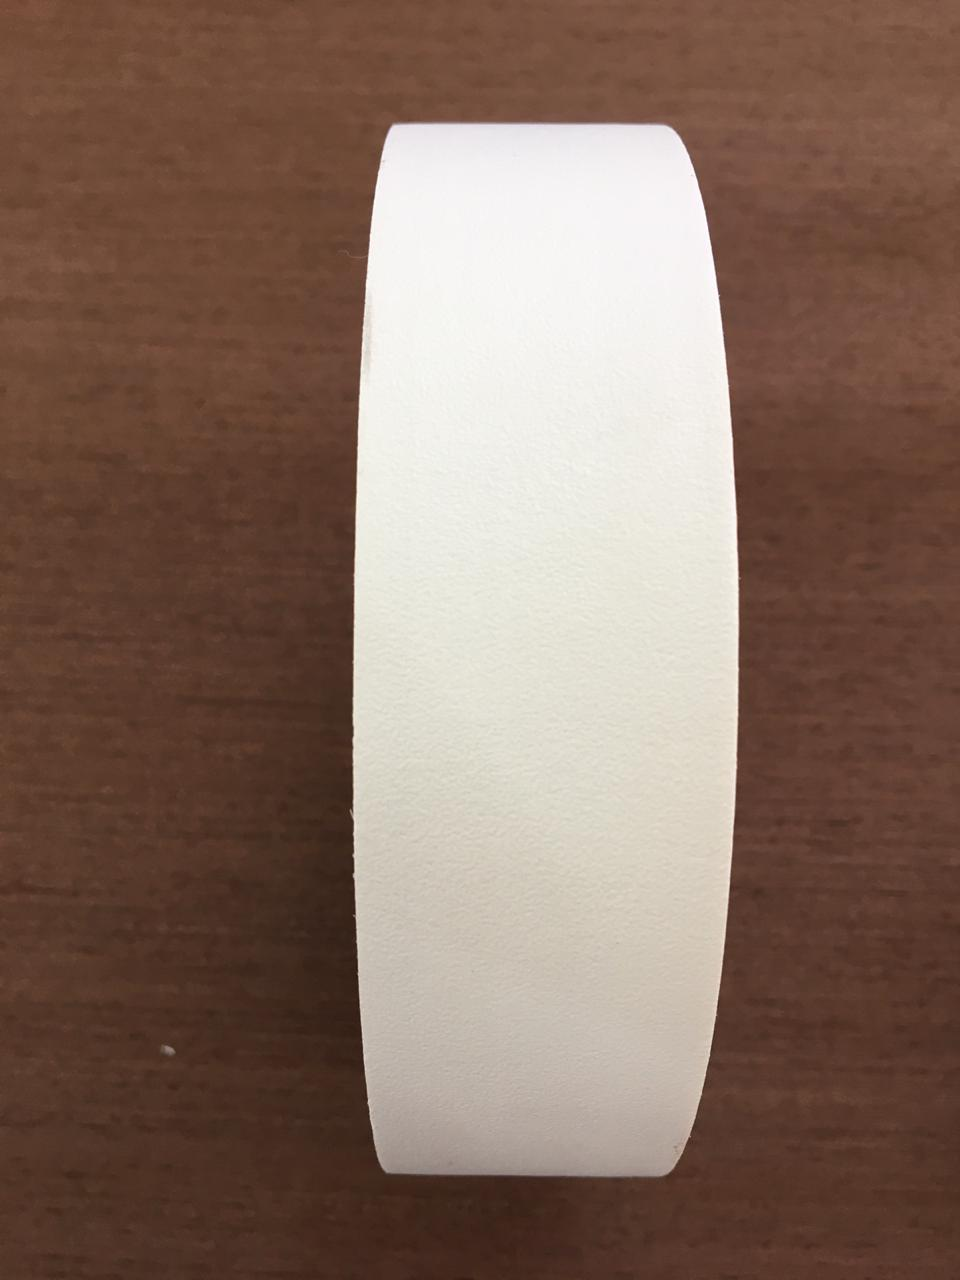 Fita de borda pvc branco texturizado 35mm x 20m